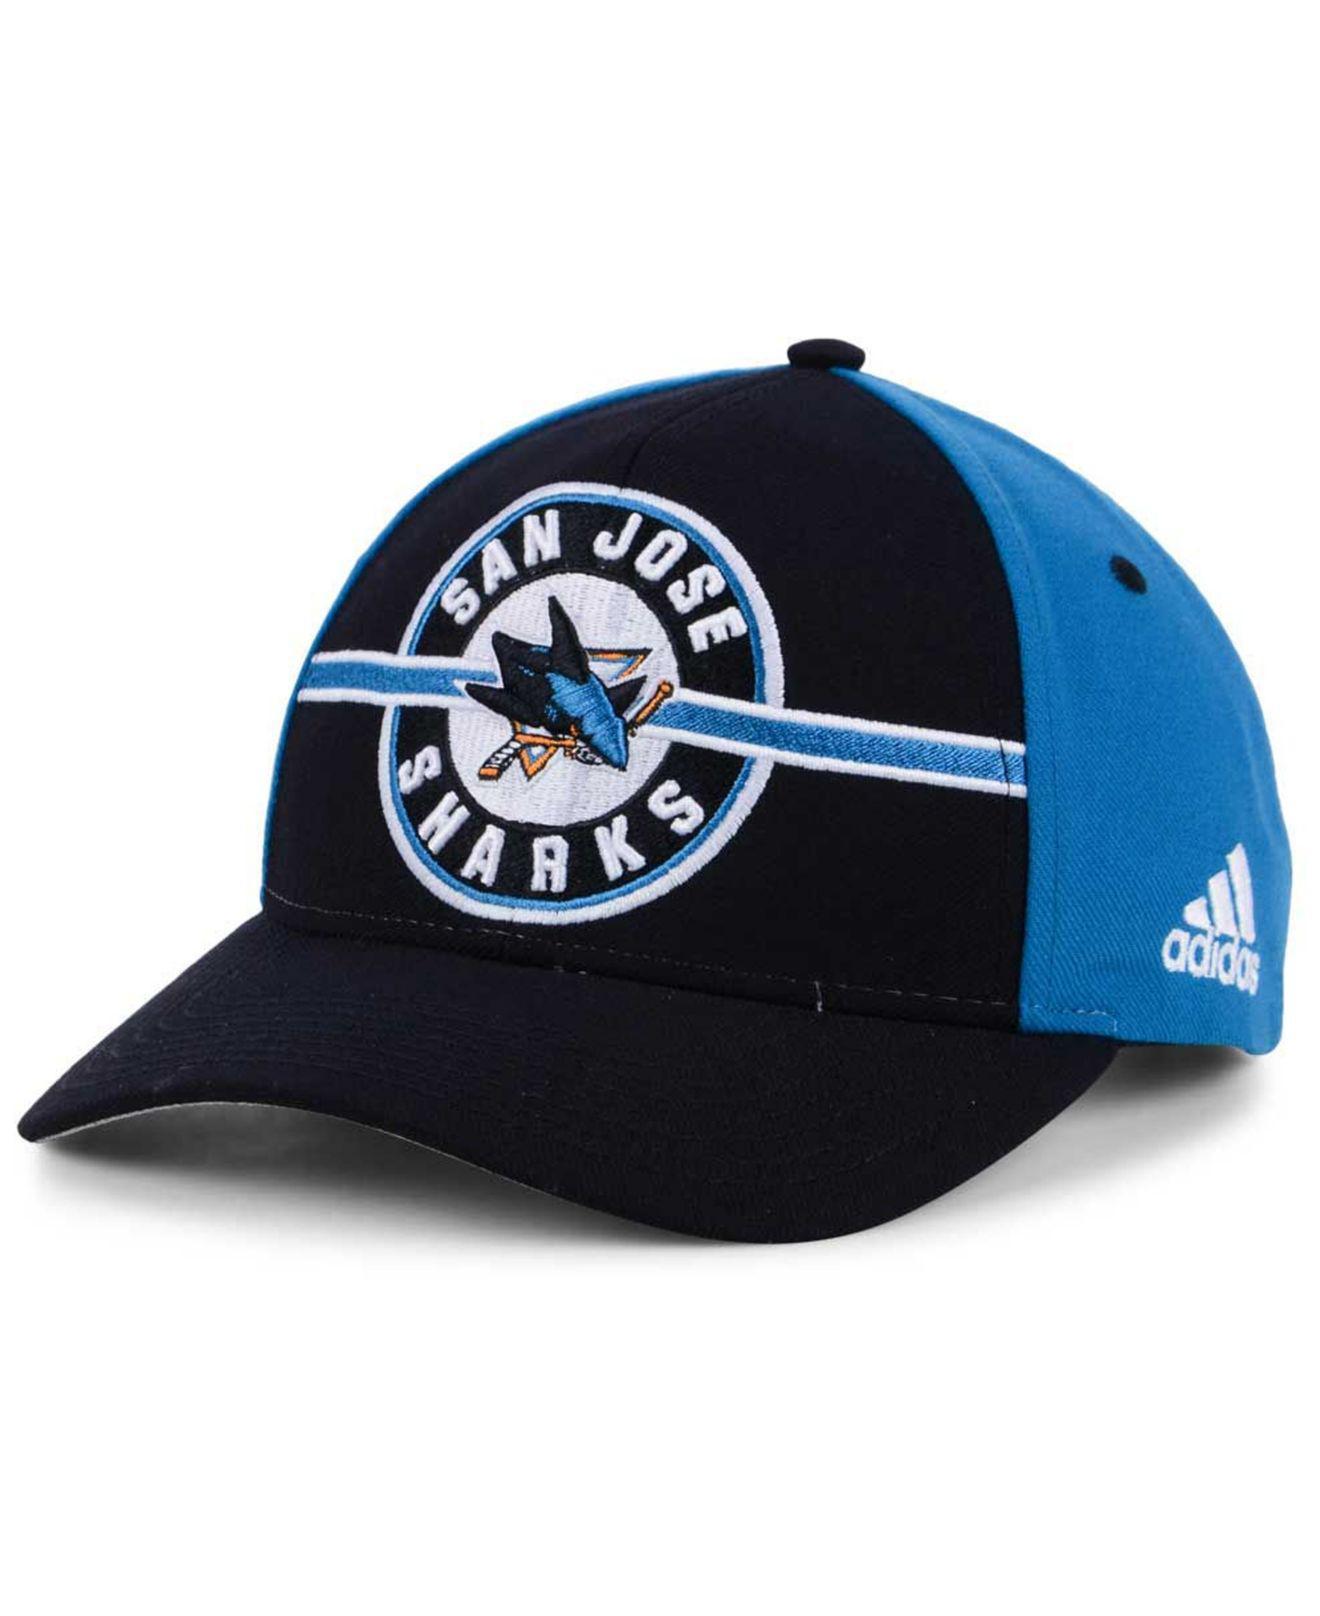 buy popular 3331d 81d04 adidas. Men s Blue Circle Adjustable Cap